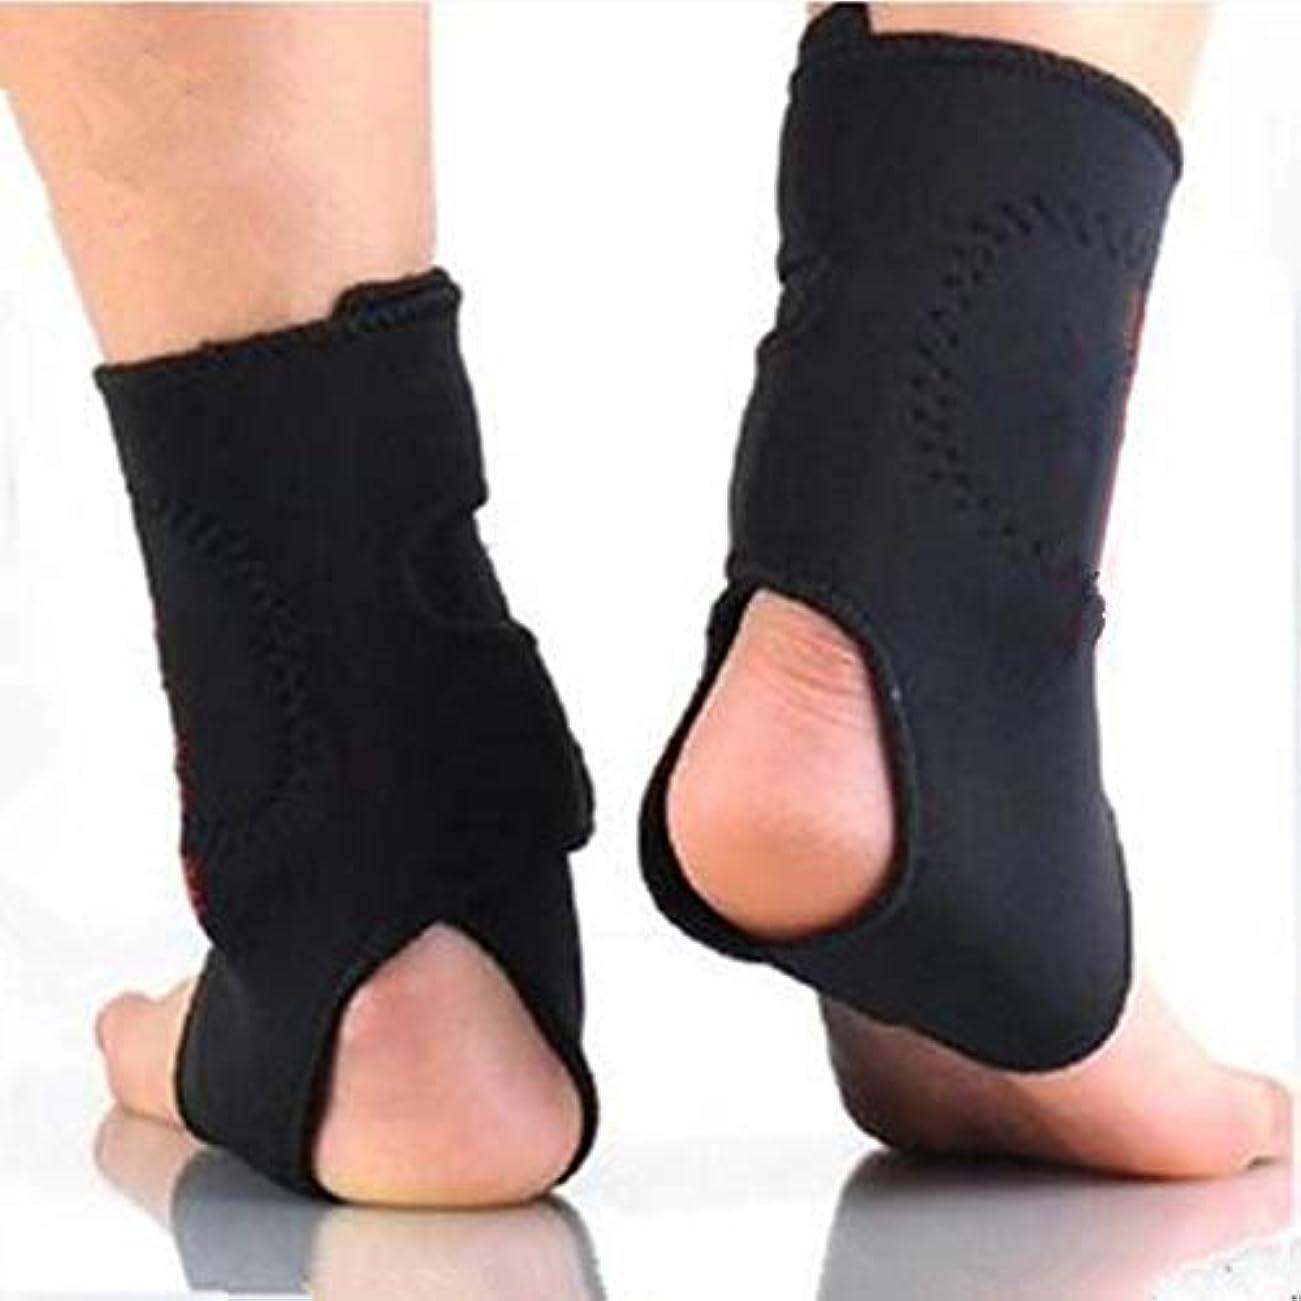 評価世論調査ポルノ2 ピース 自己発熱 トルマリン 遠赤外線磁気治療足首のサポートブレースマッサージャー 痛みリリーフ